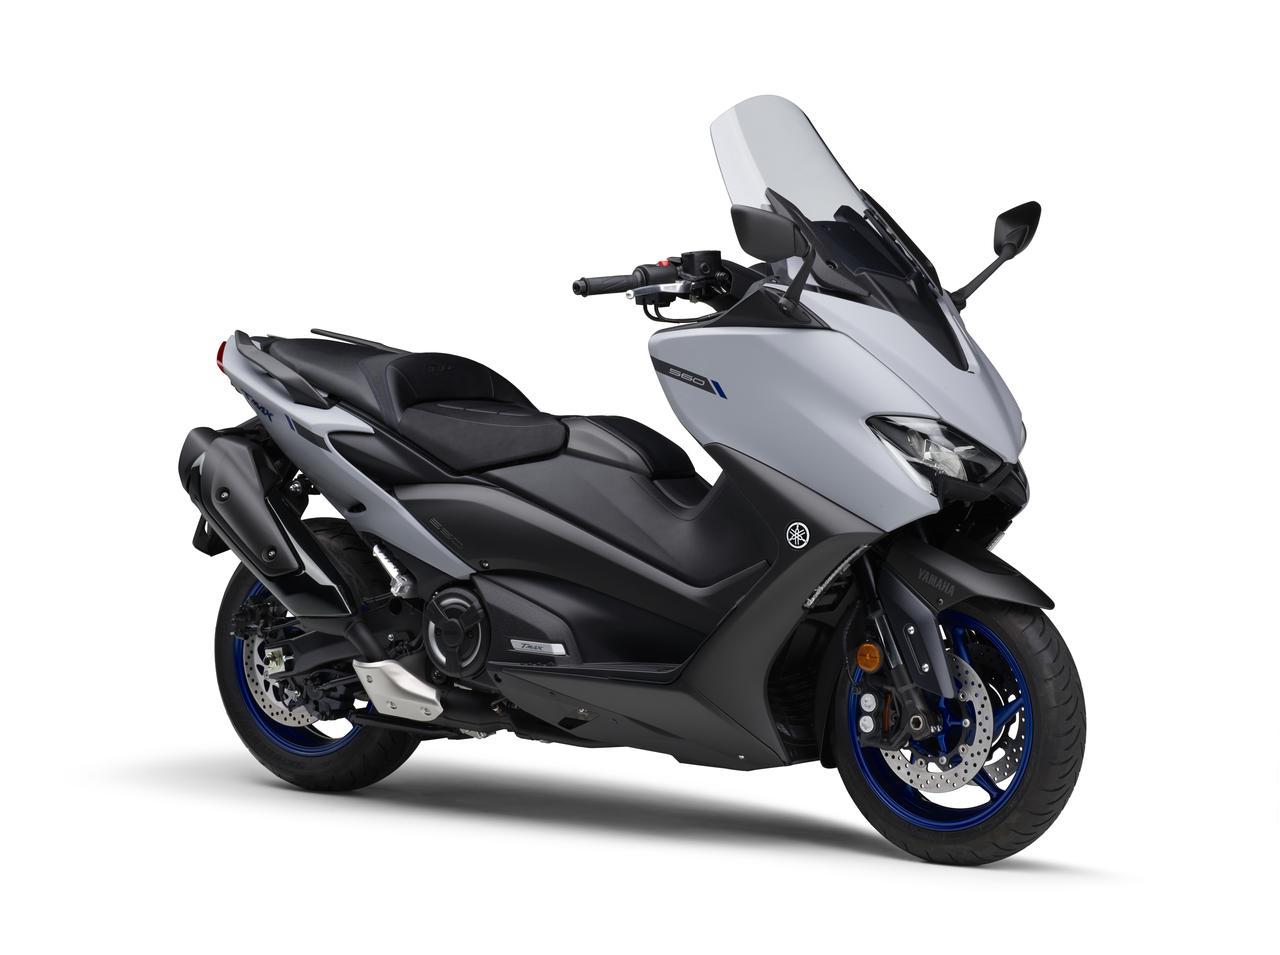 画像4: ヤマハ新型TMAXの発売日は2020年5月8日! 新設計エンジンを搭載した「TMAX560 TECH MAX ABS」「TMAX560 ABS」